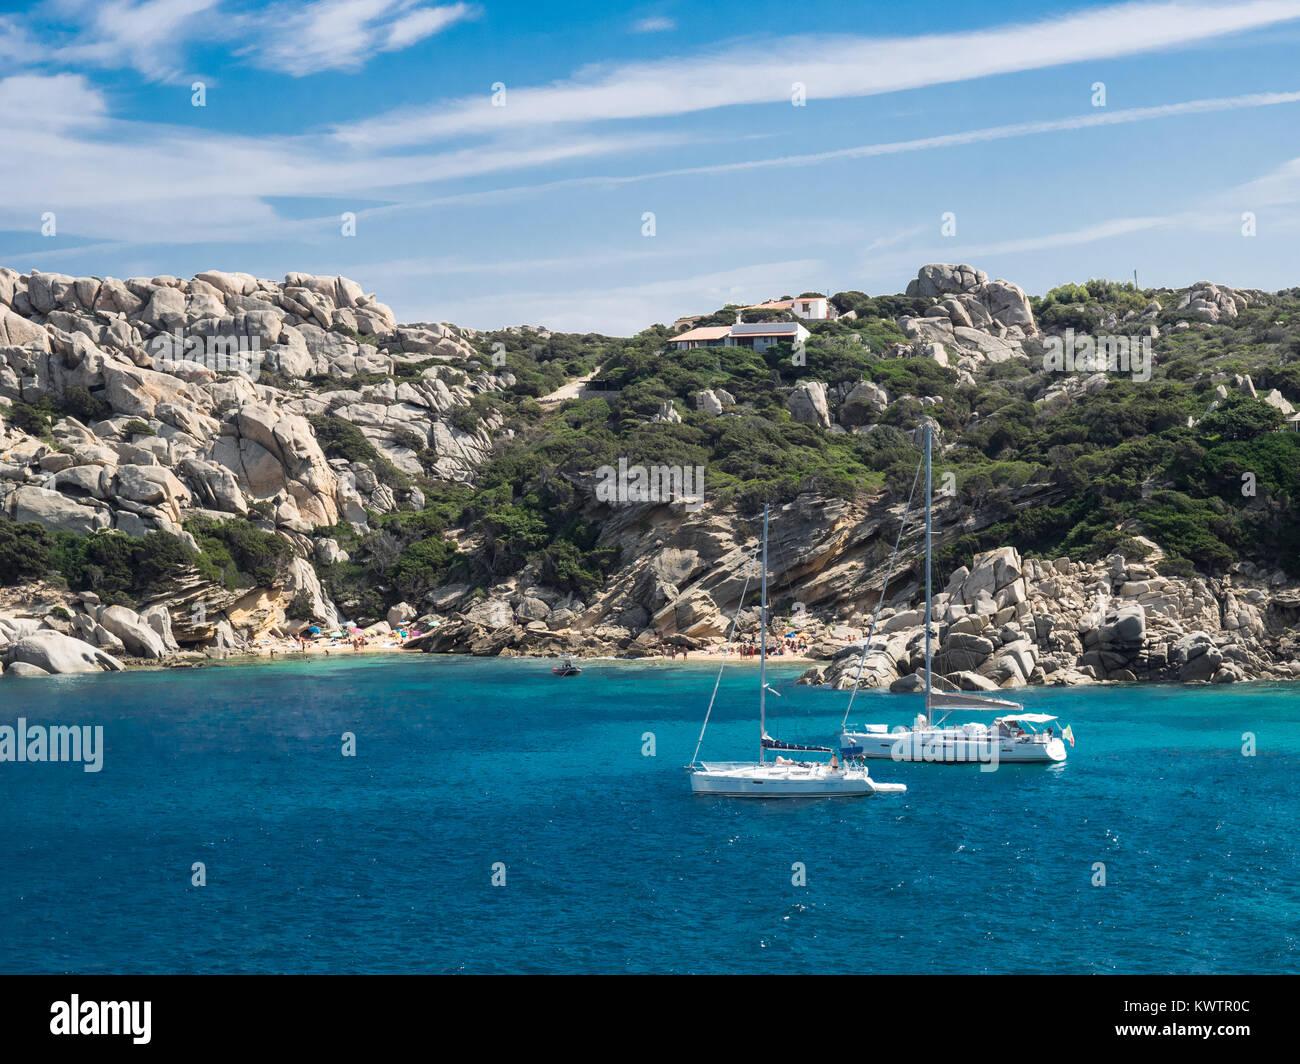 boats at Capo Testa, Sardinia - Stock Image